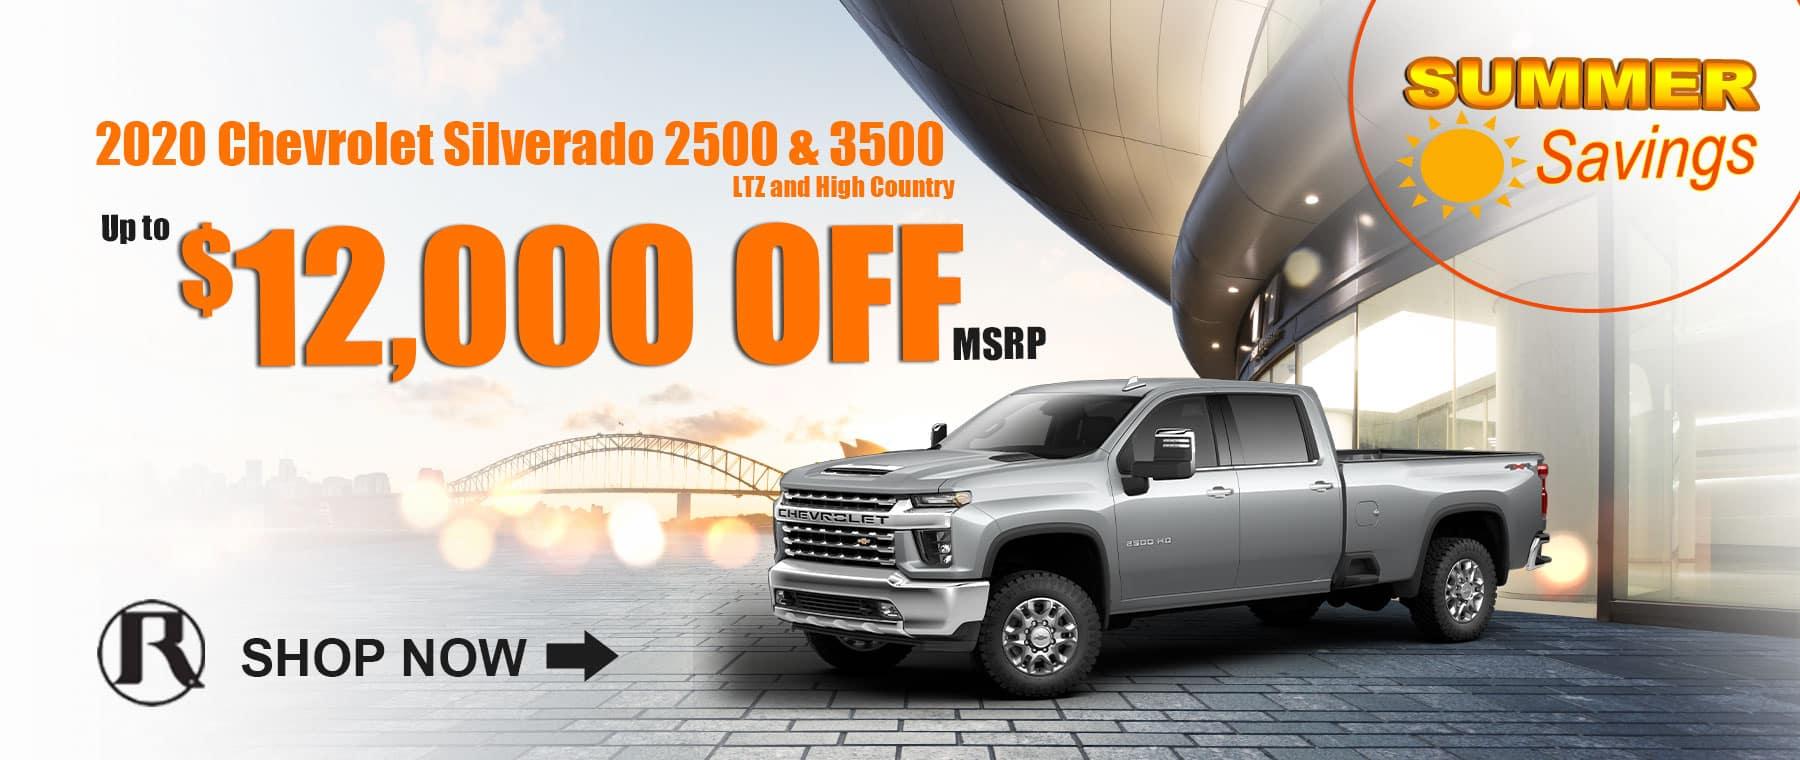 2020 Chevrolet Silverado 2500 & 3500